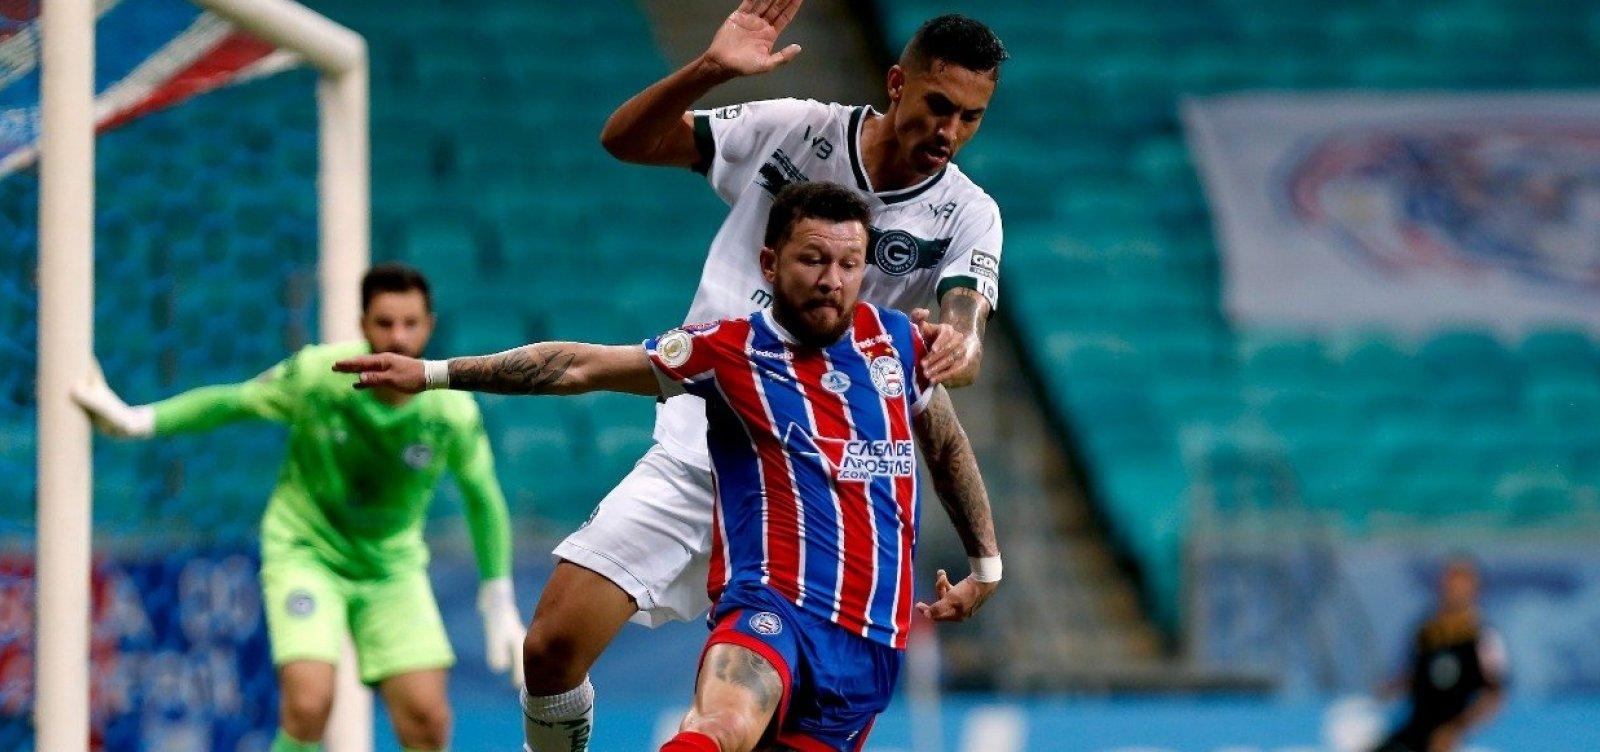 [Em jogo de seis gols, Bahia e Goiás empatam em 3 a 3 na Fonte Nova]